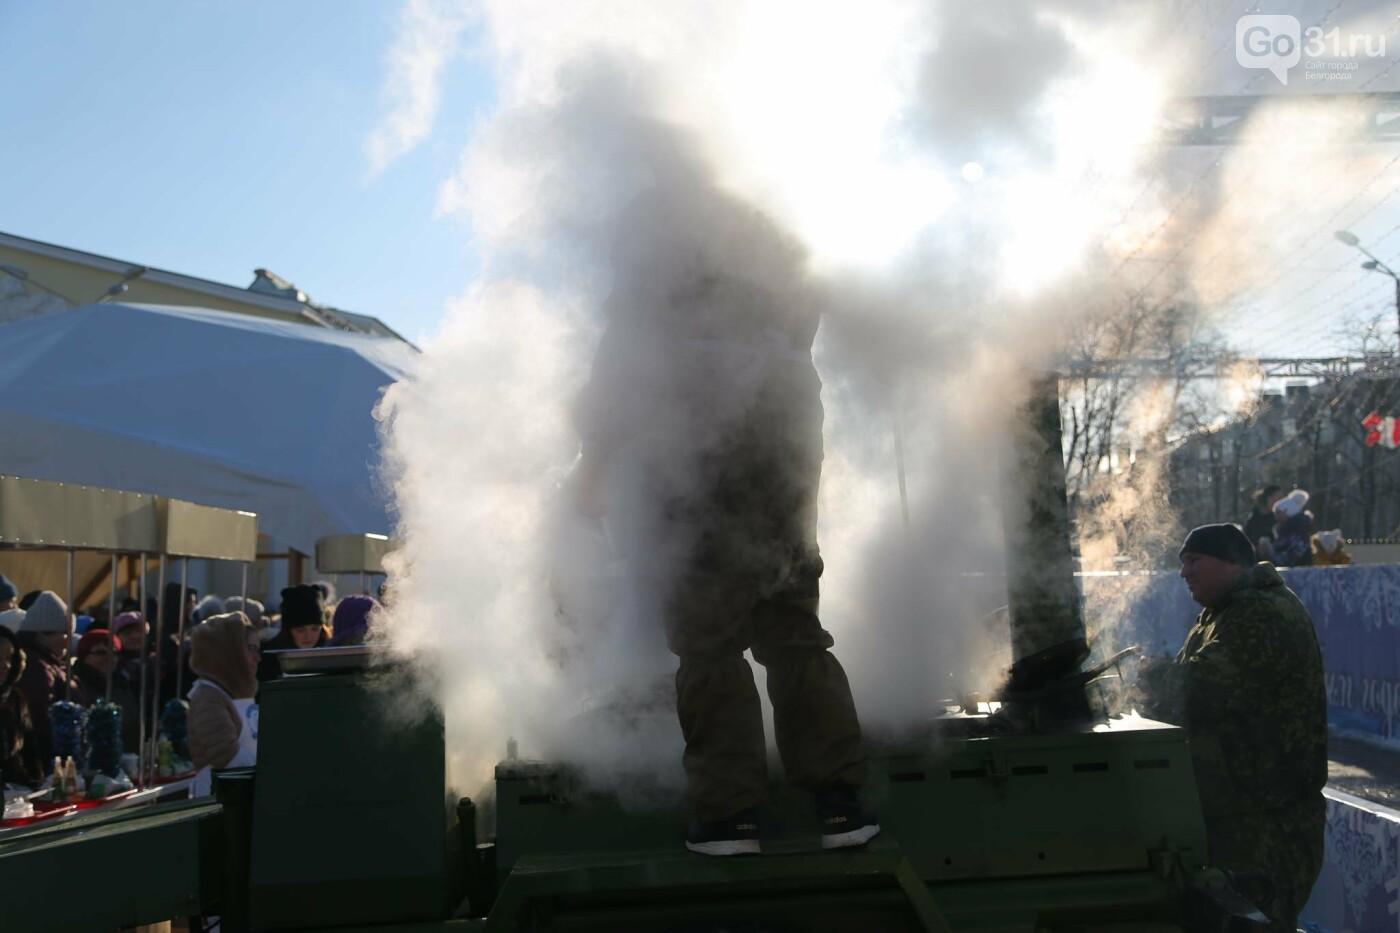 Дегустация, гастрономический парад, спецтроллейбус. В Белгороде прошёл фестиваль вареников, фото-20